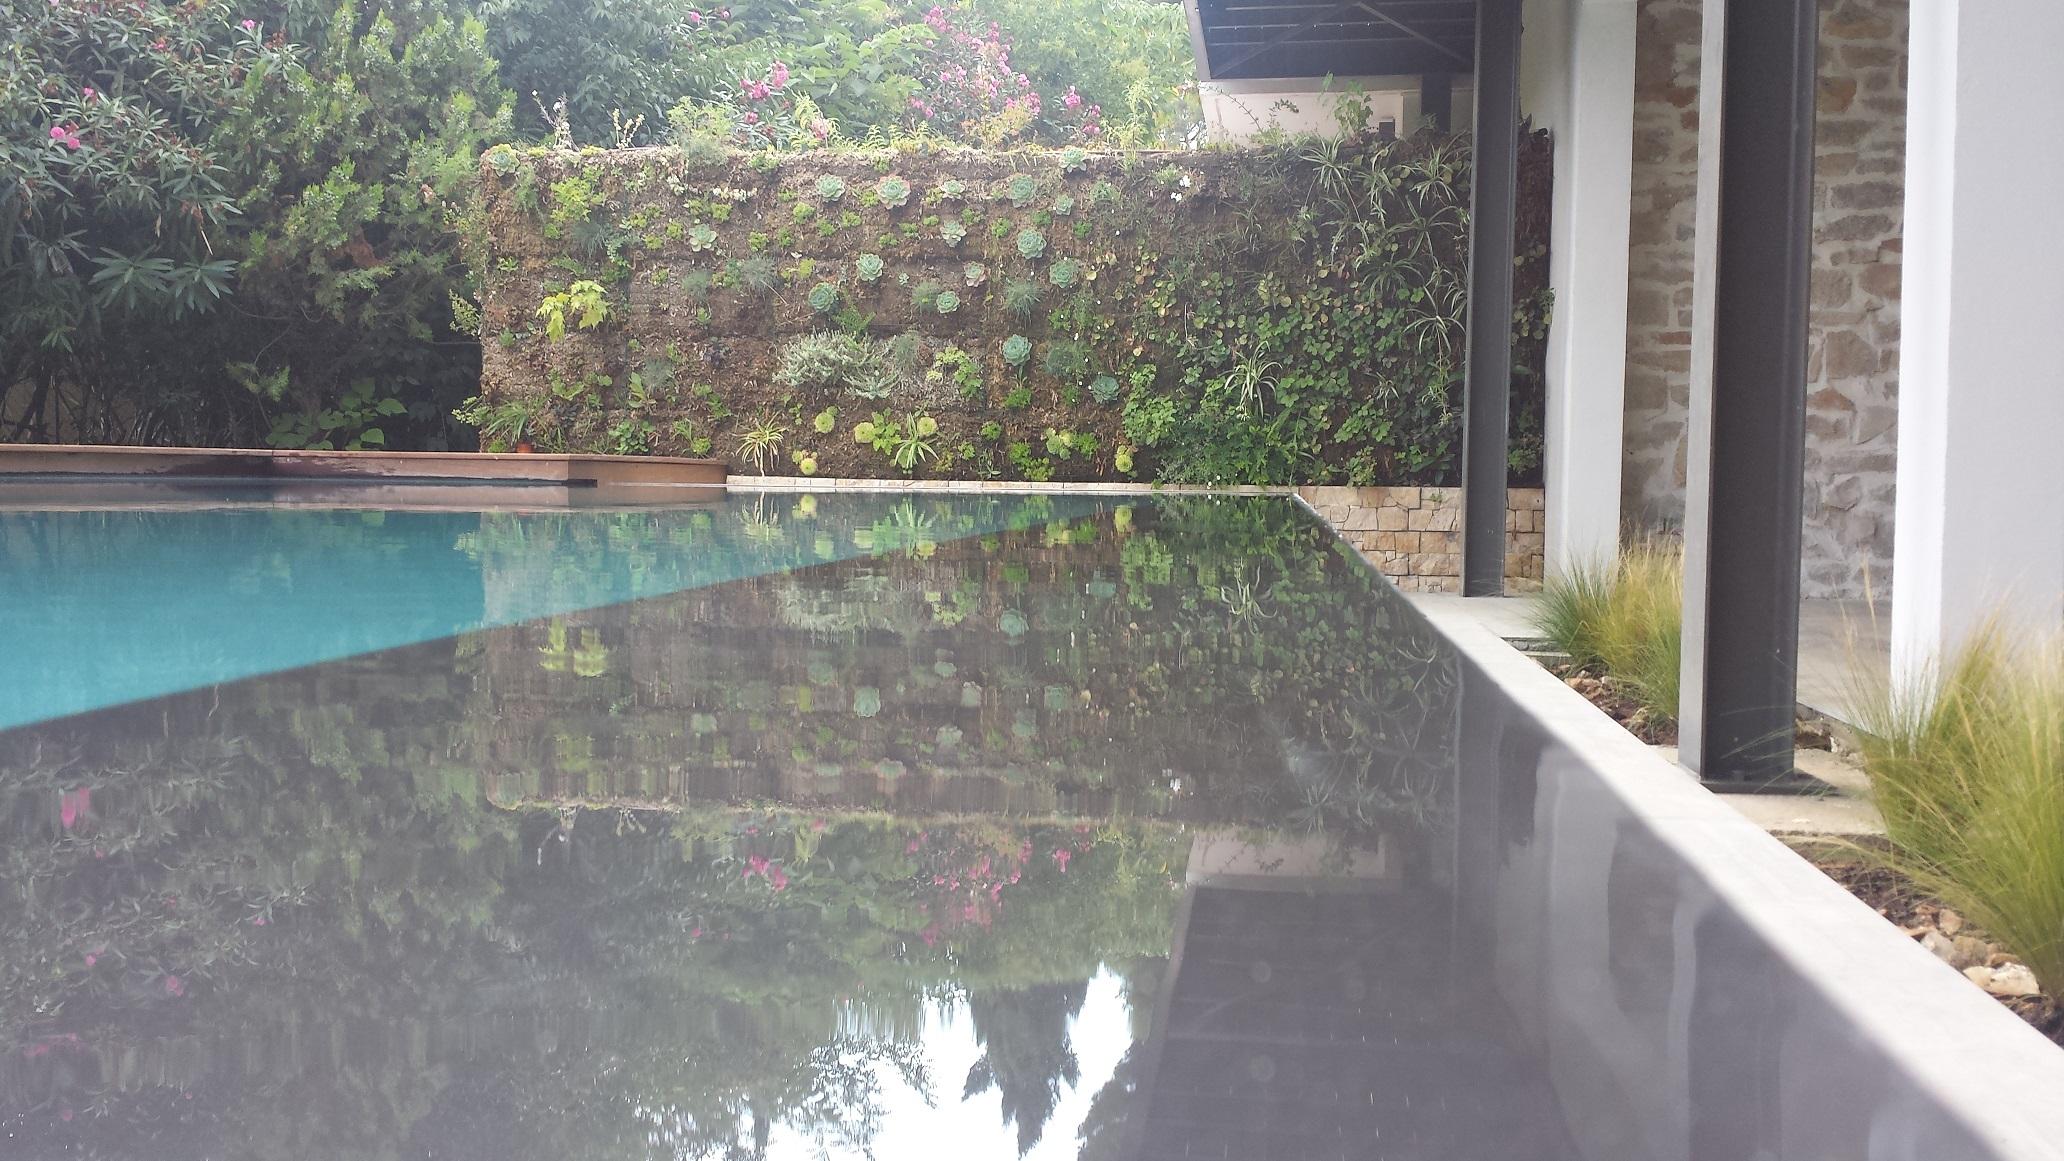 Fr d ric morisset votre paysagiste conseil cr ation for Amenagement abord piscine